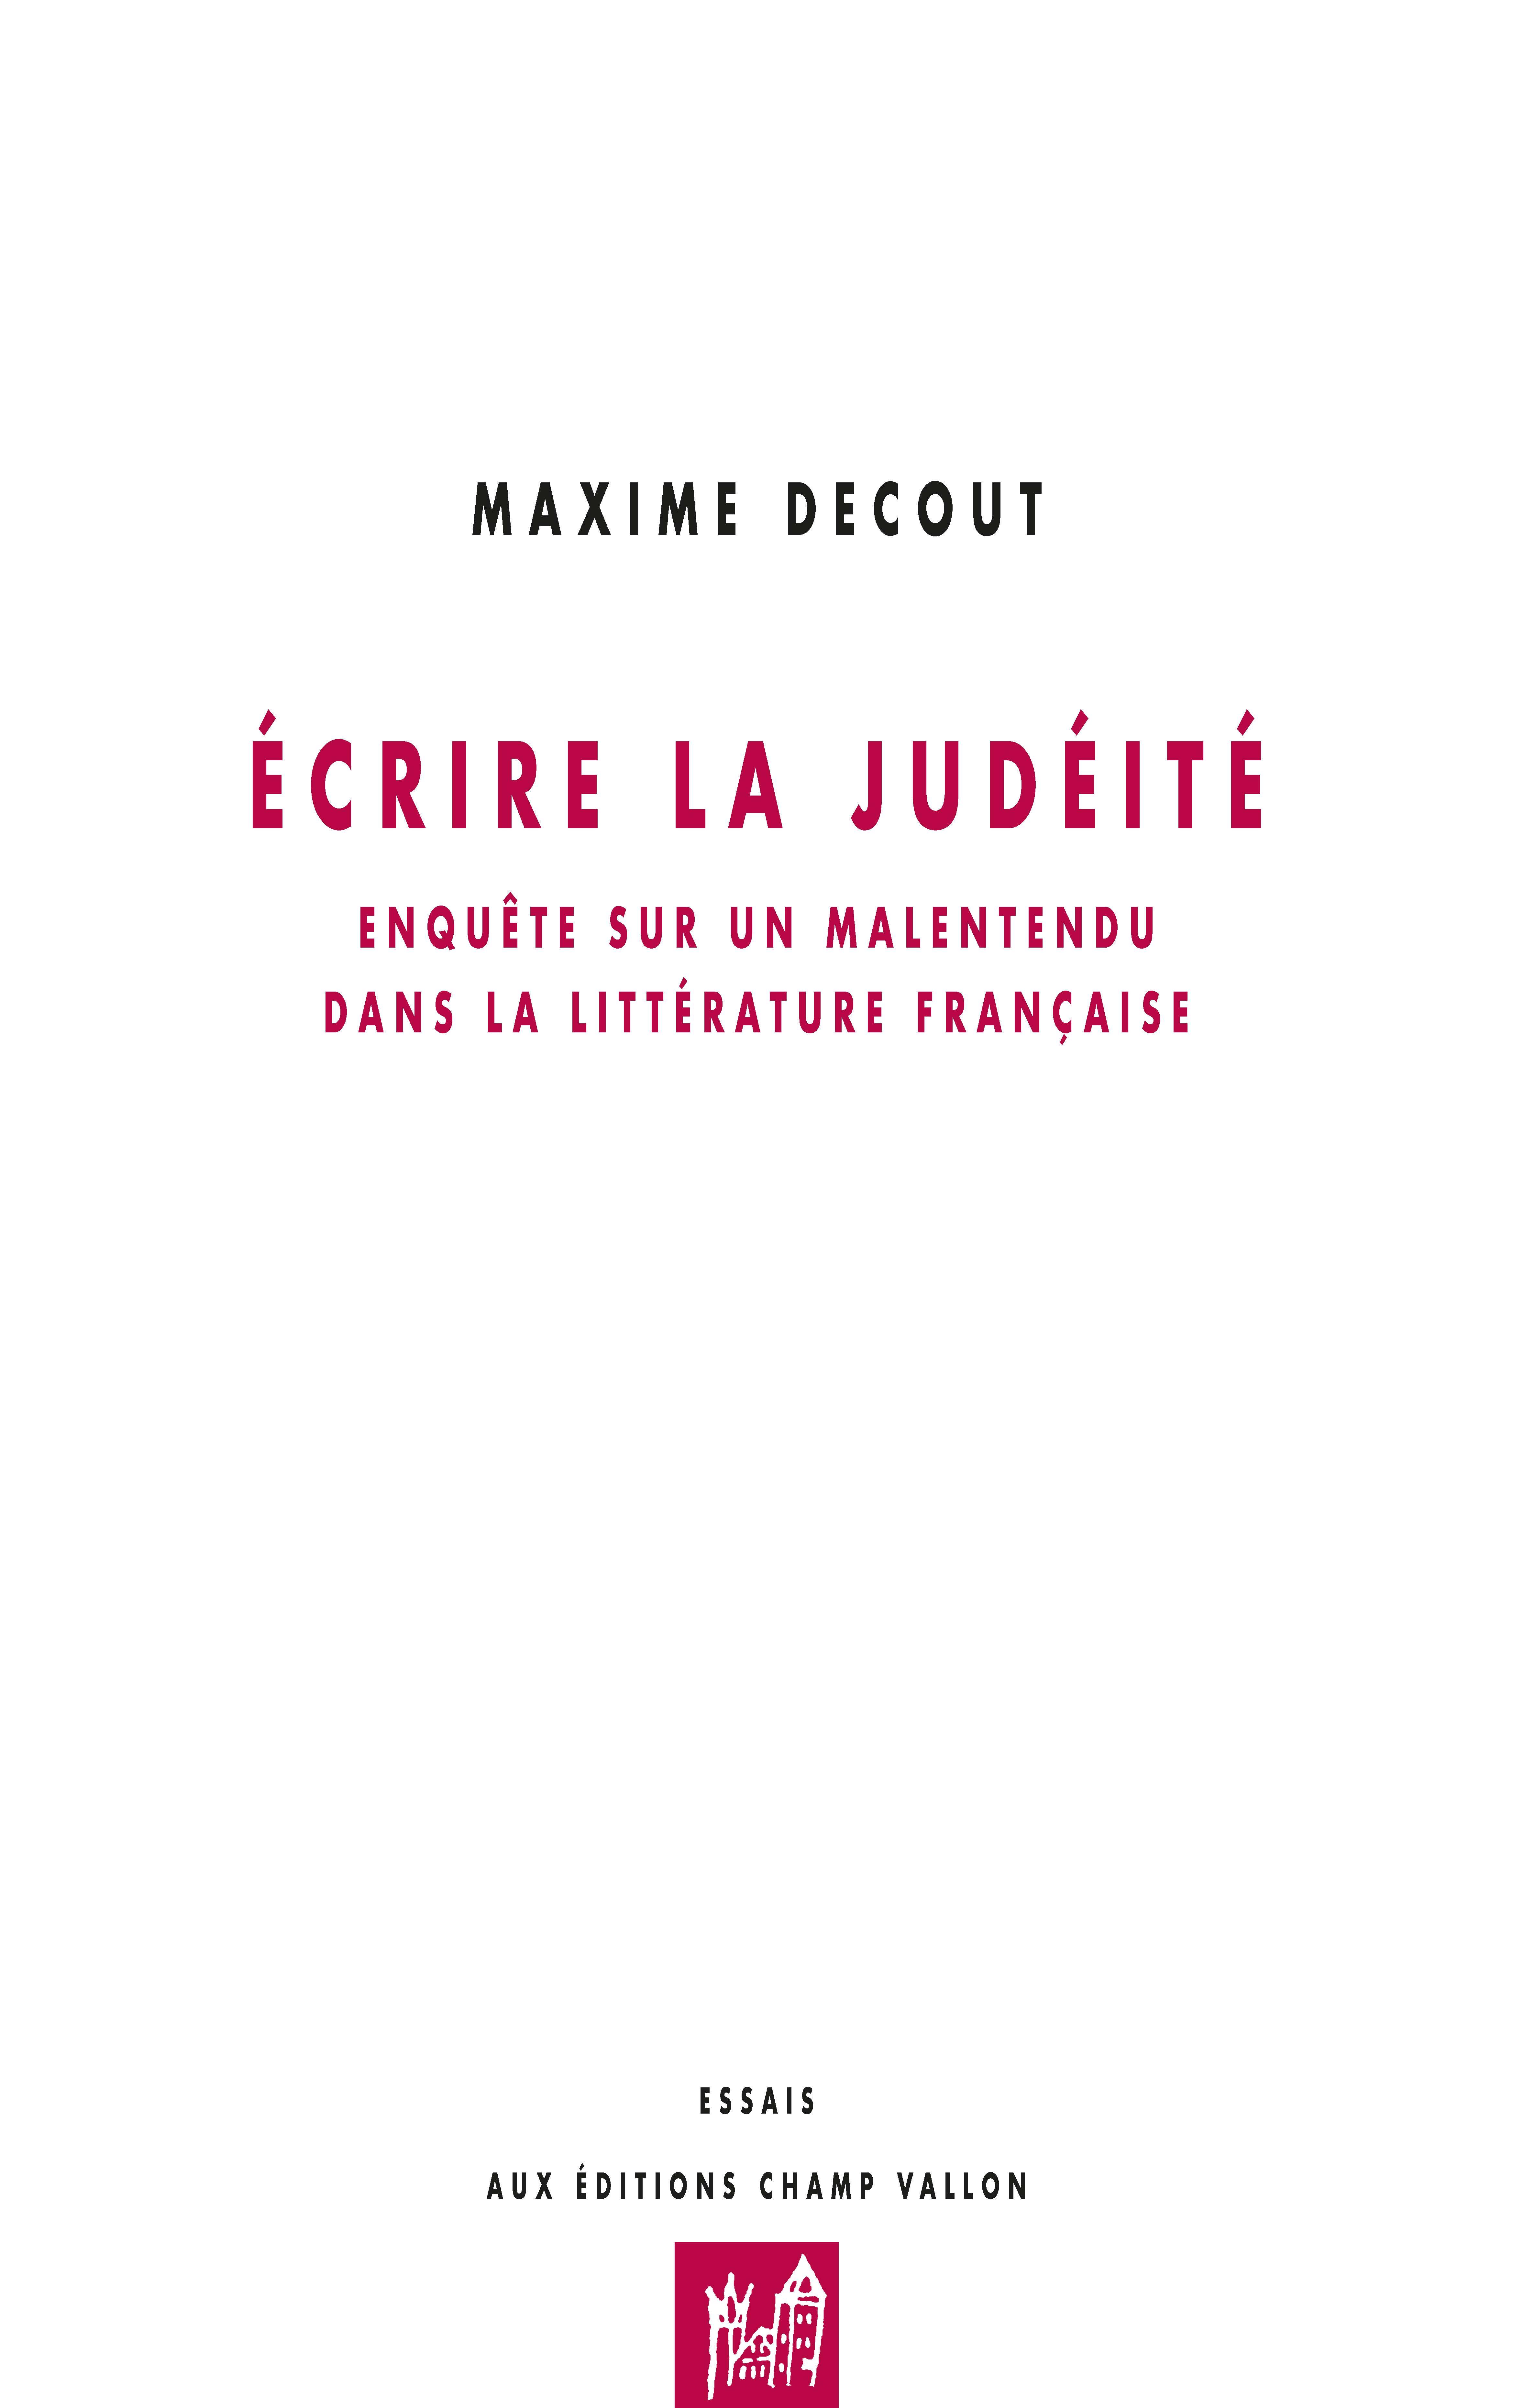 Ecrire la judéité Decout